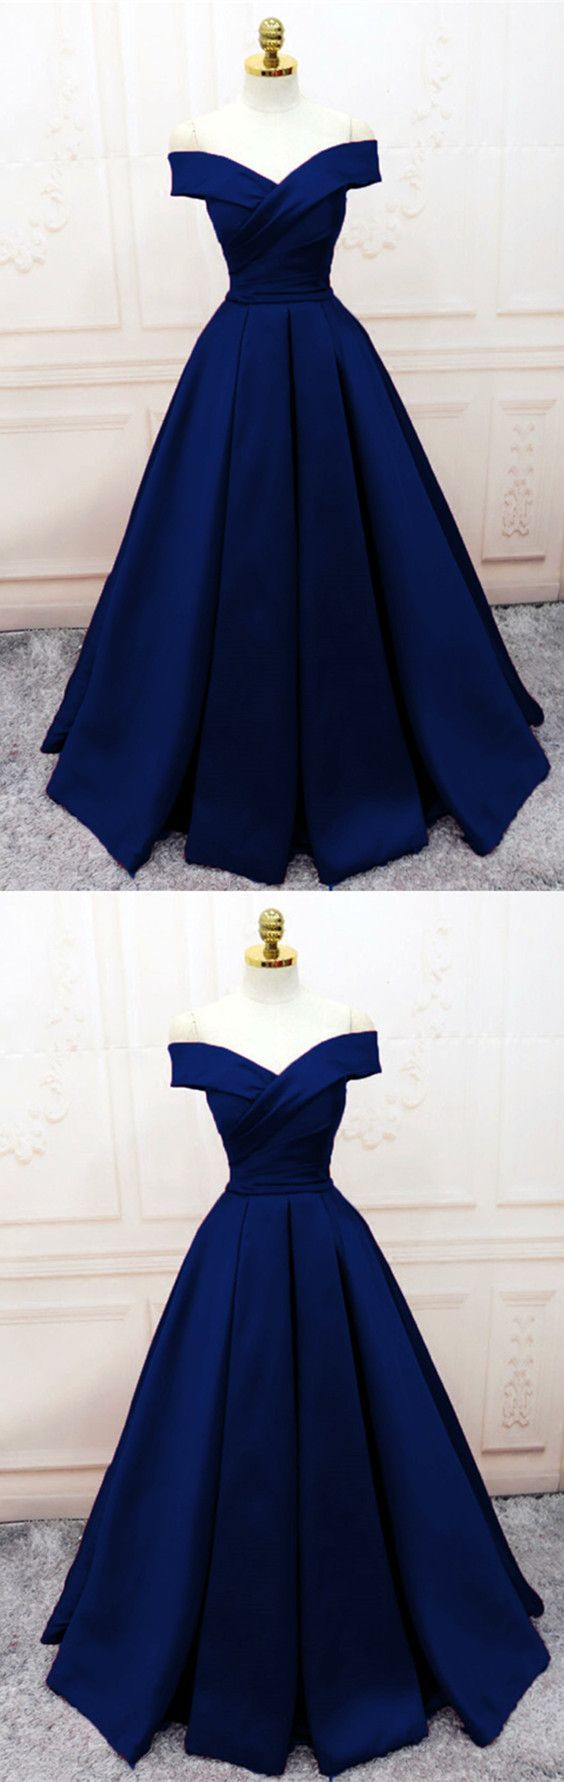 Simple vneck off shoulder prom dresses long evening gowns n